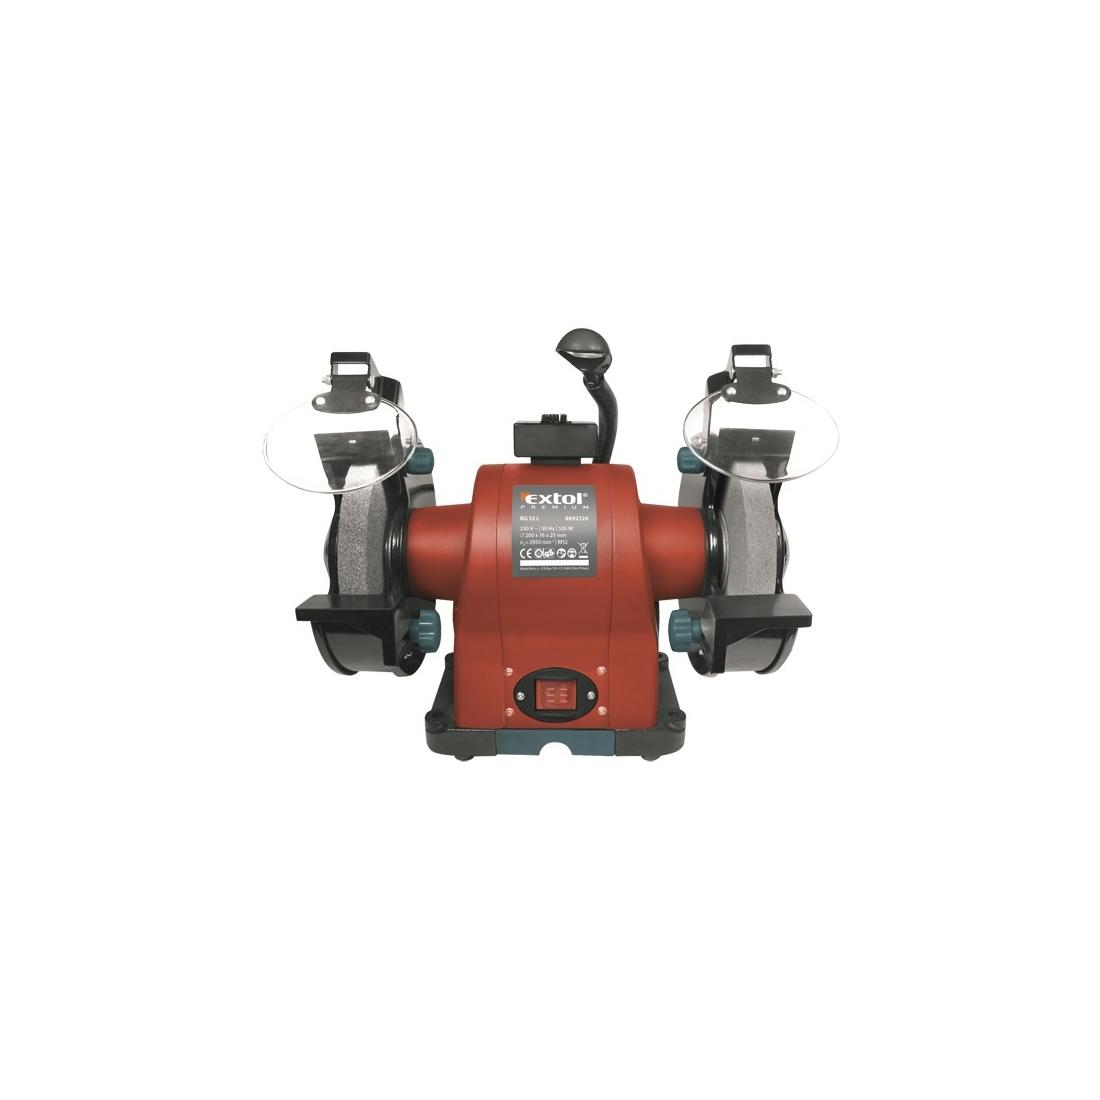 Extol Premium kettős köszörűgép 520W, száraz, 200×16×25mm, (P36, P80), 2950 ford/perc, 19kg, lámpával